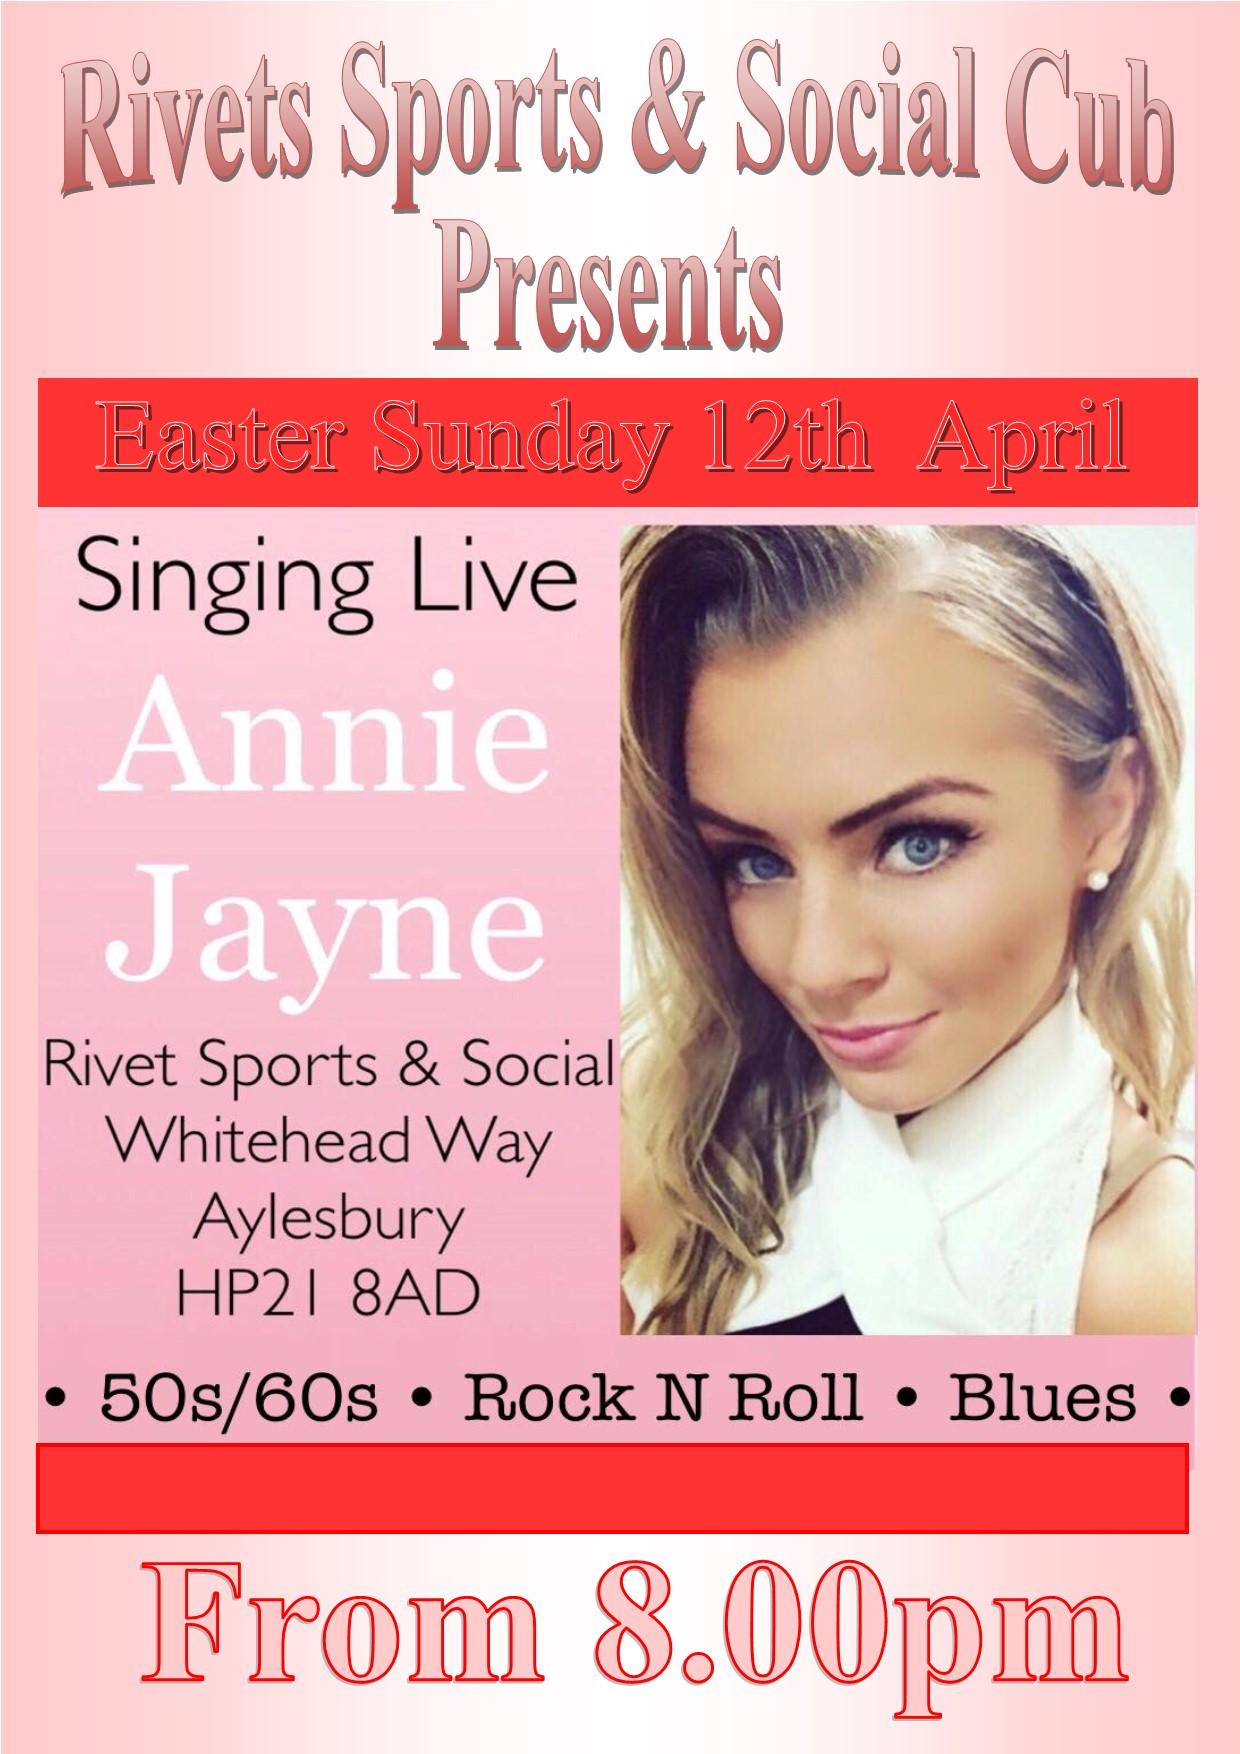 Annie Jayne